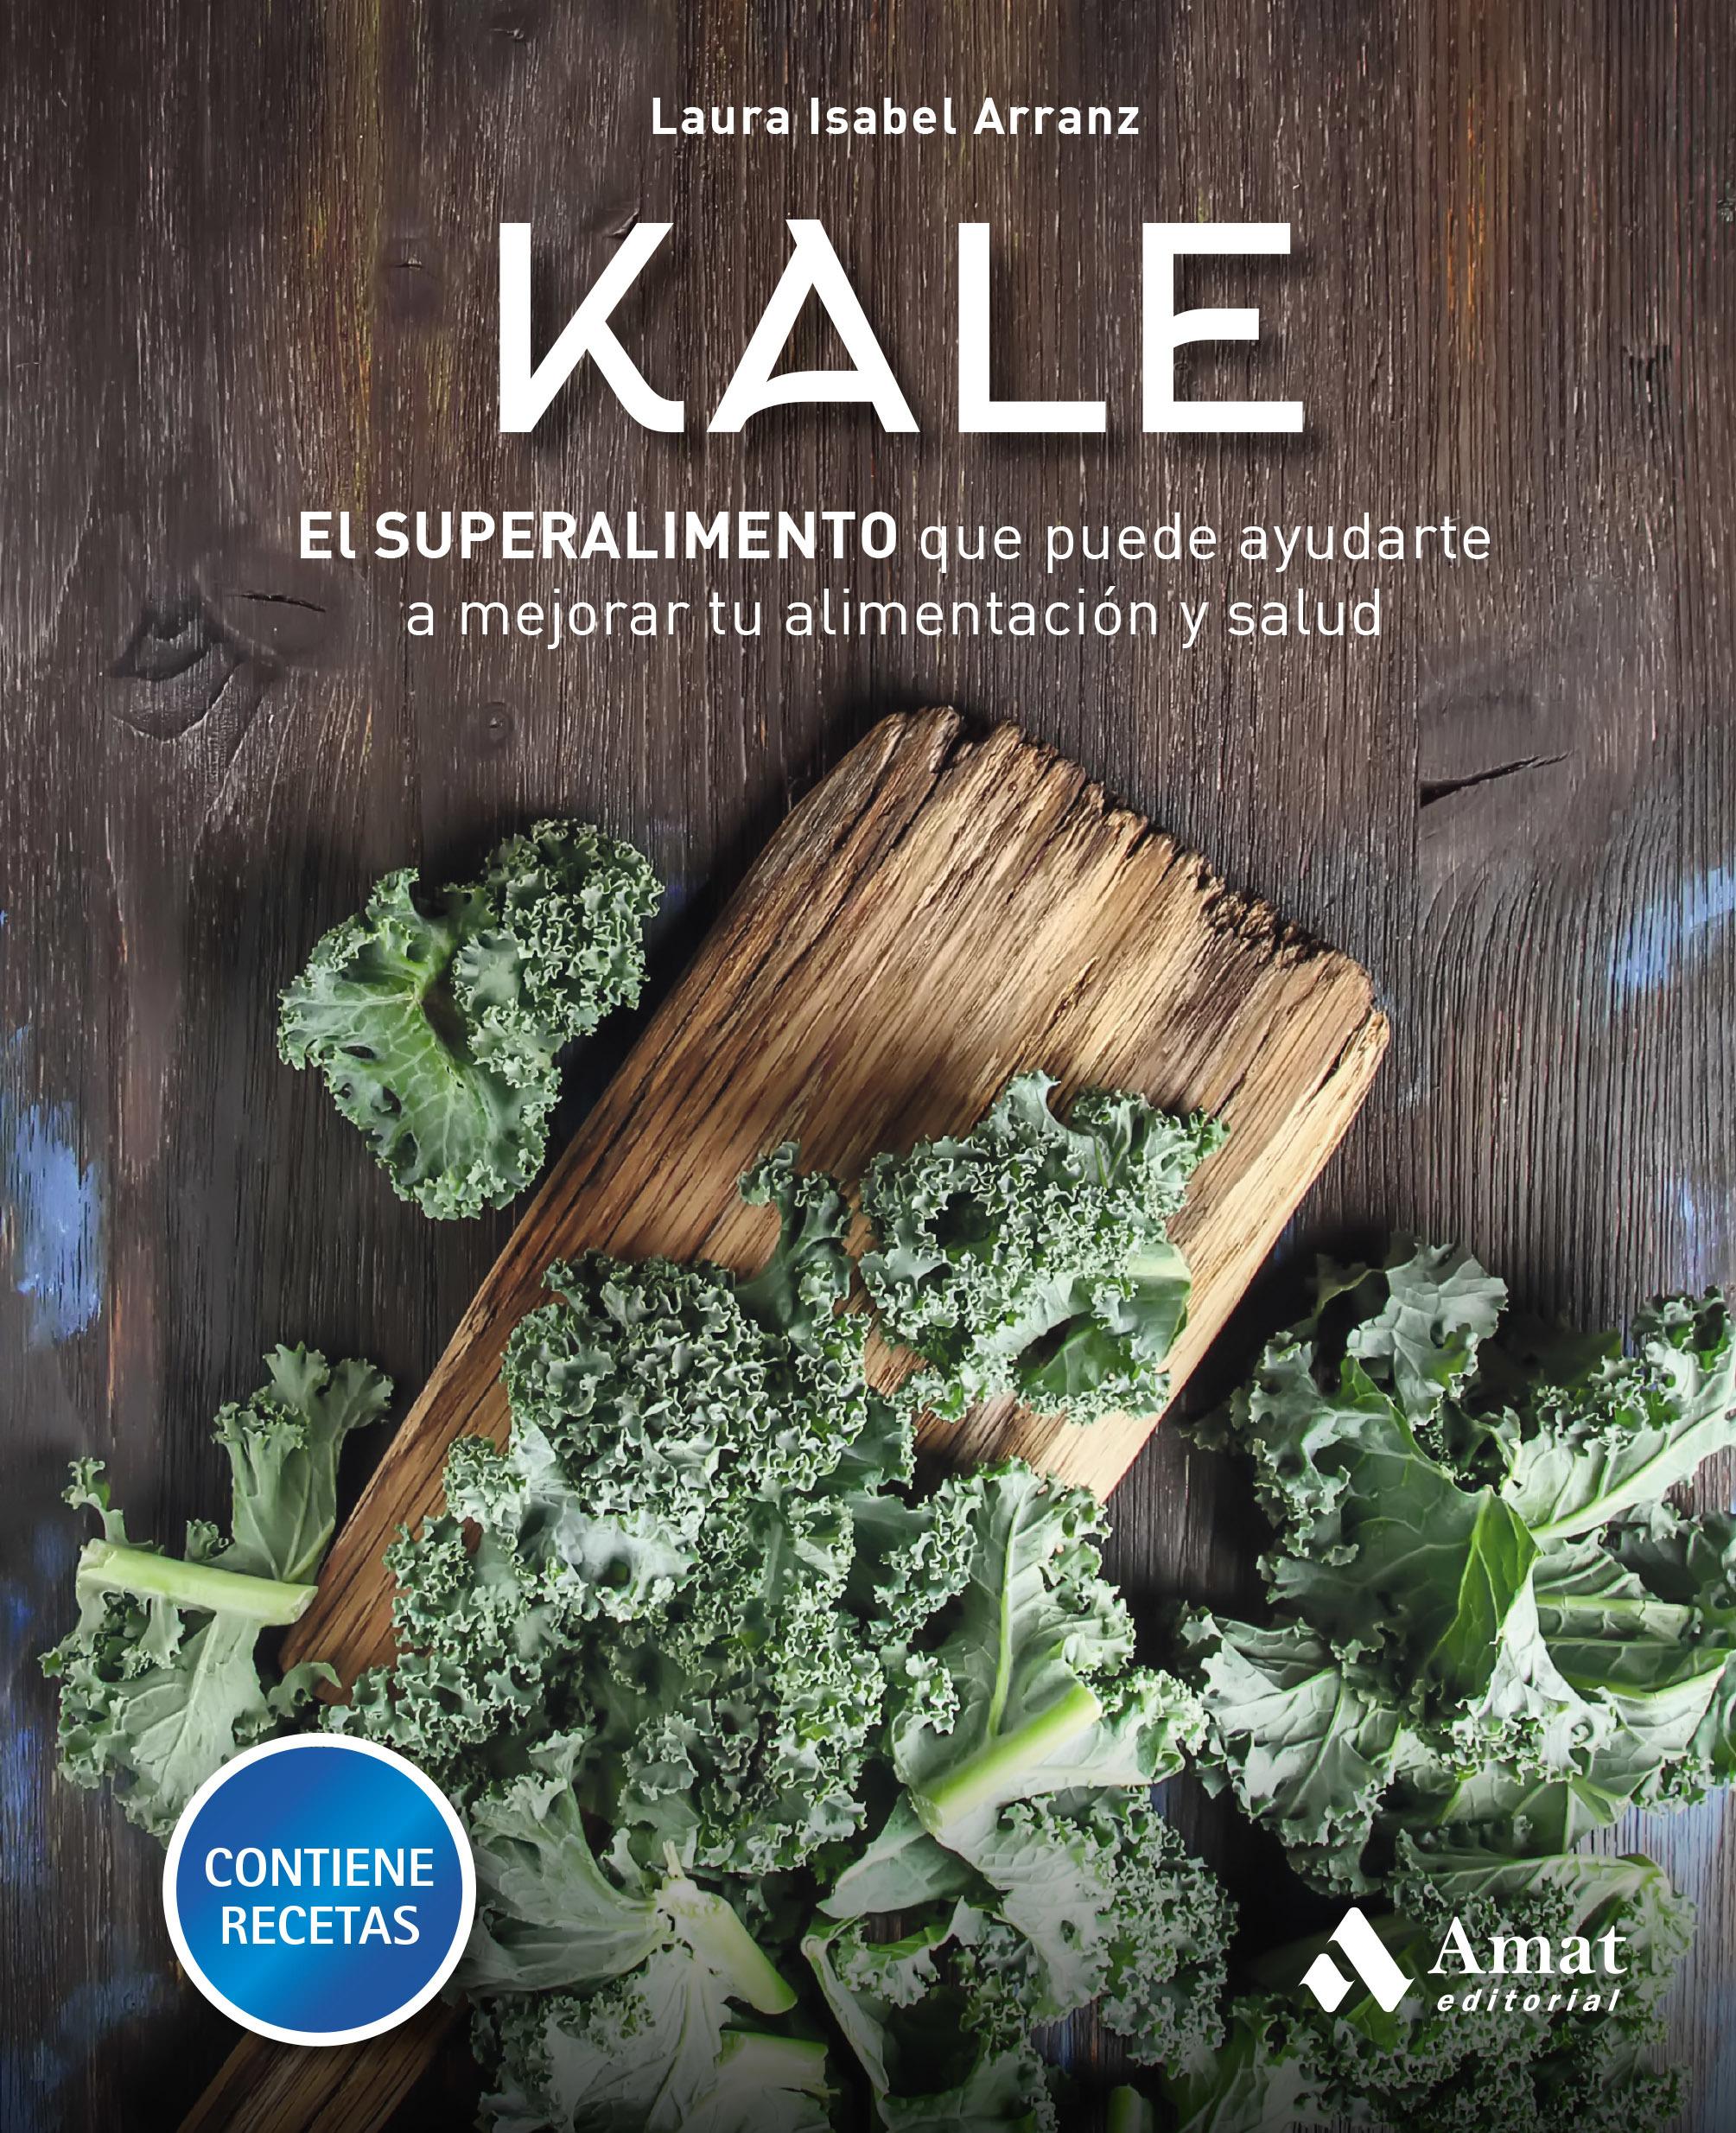 """Libro de Laura Isabel Arranz: """"Kale el superalimento que puede..."""